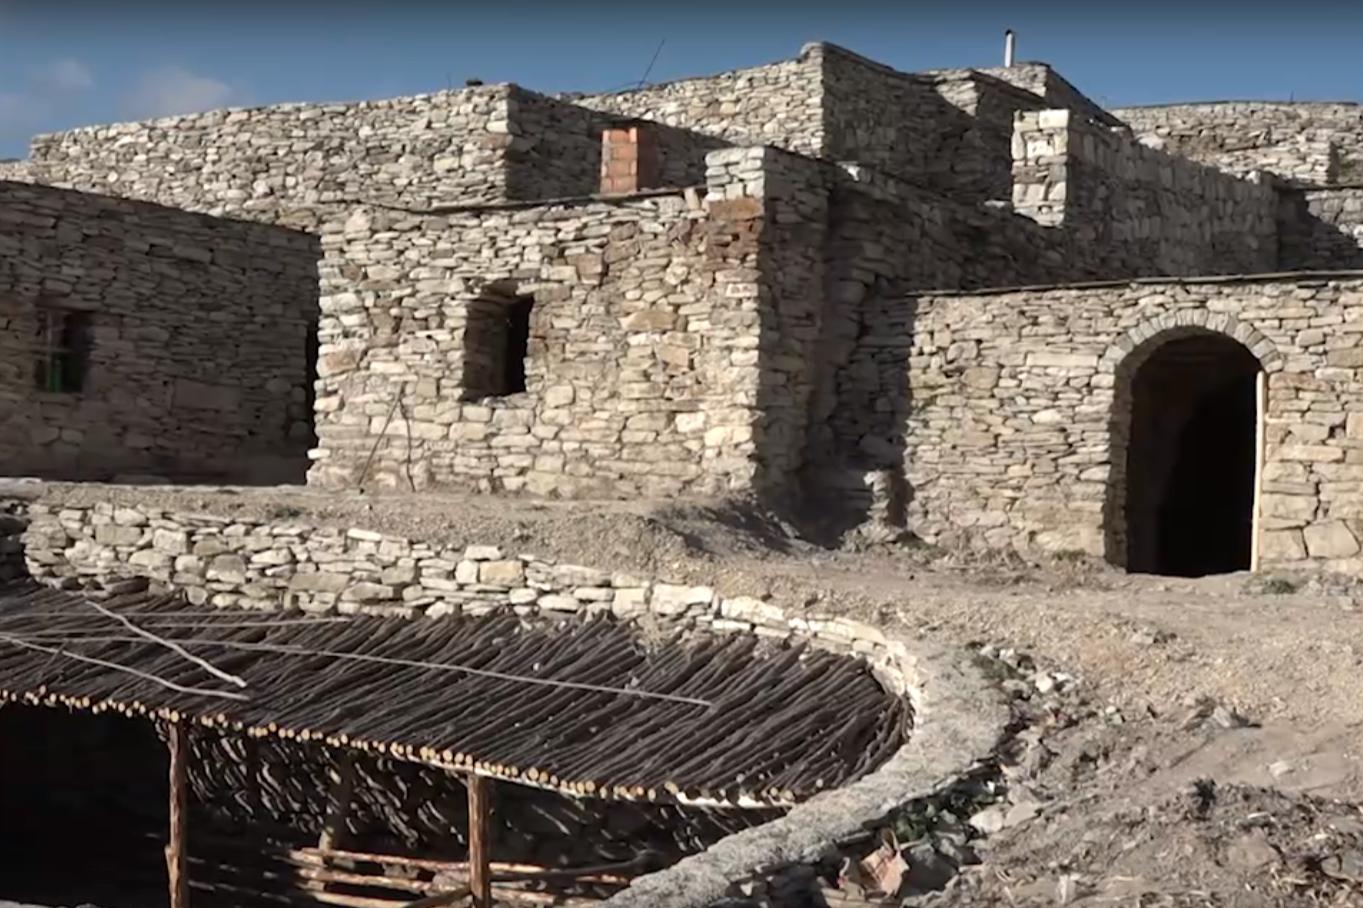 ЧЕЧНЯ. В высокогорном селе Хой в Чечне отреставрировали более 100 древних строений